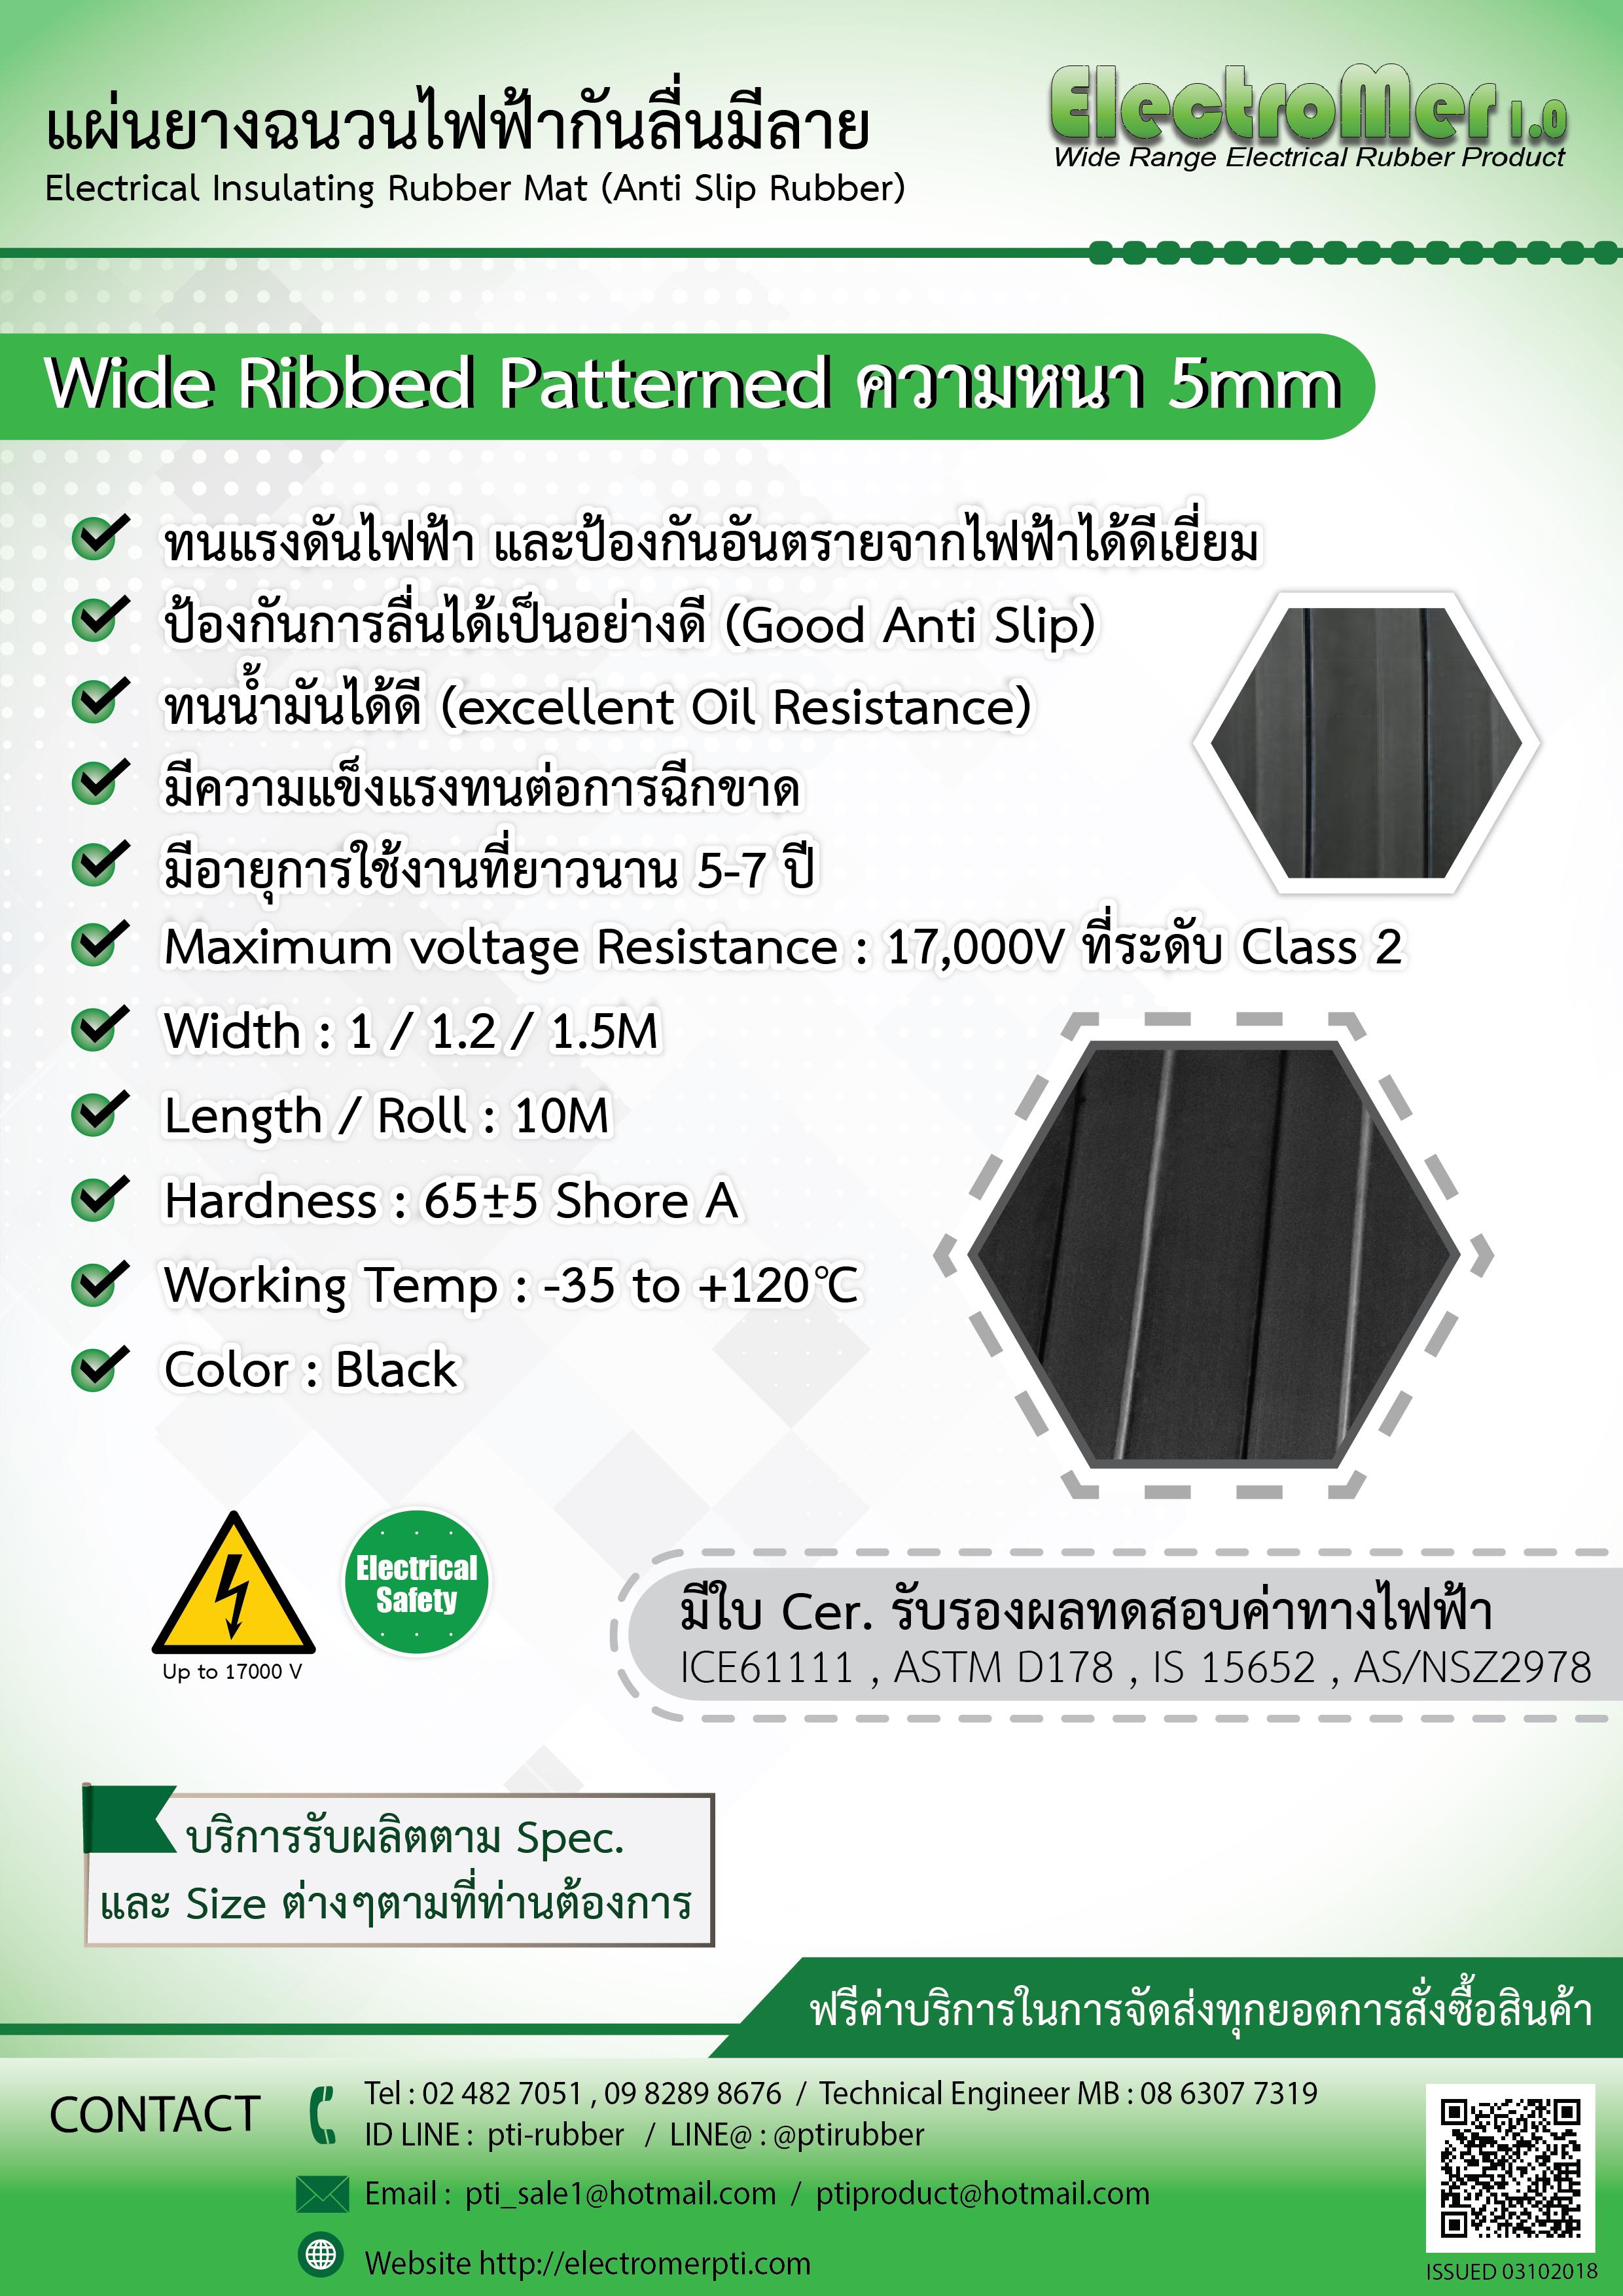 แผ่นยางฉนวนไฟฟ้ากันลื่นลาย Wide Ribber 5mm